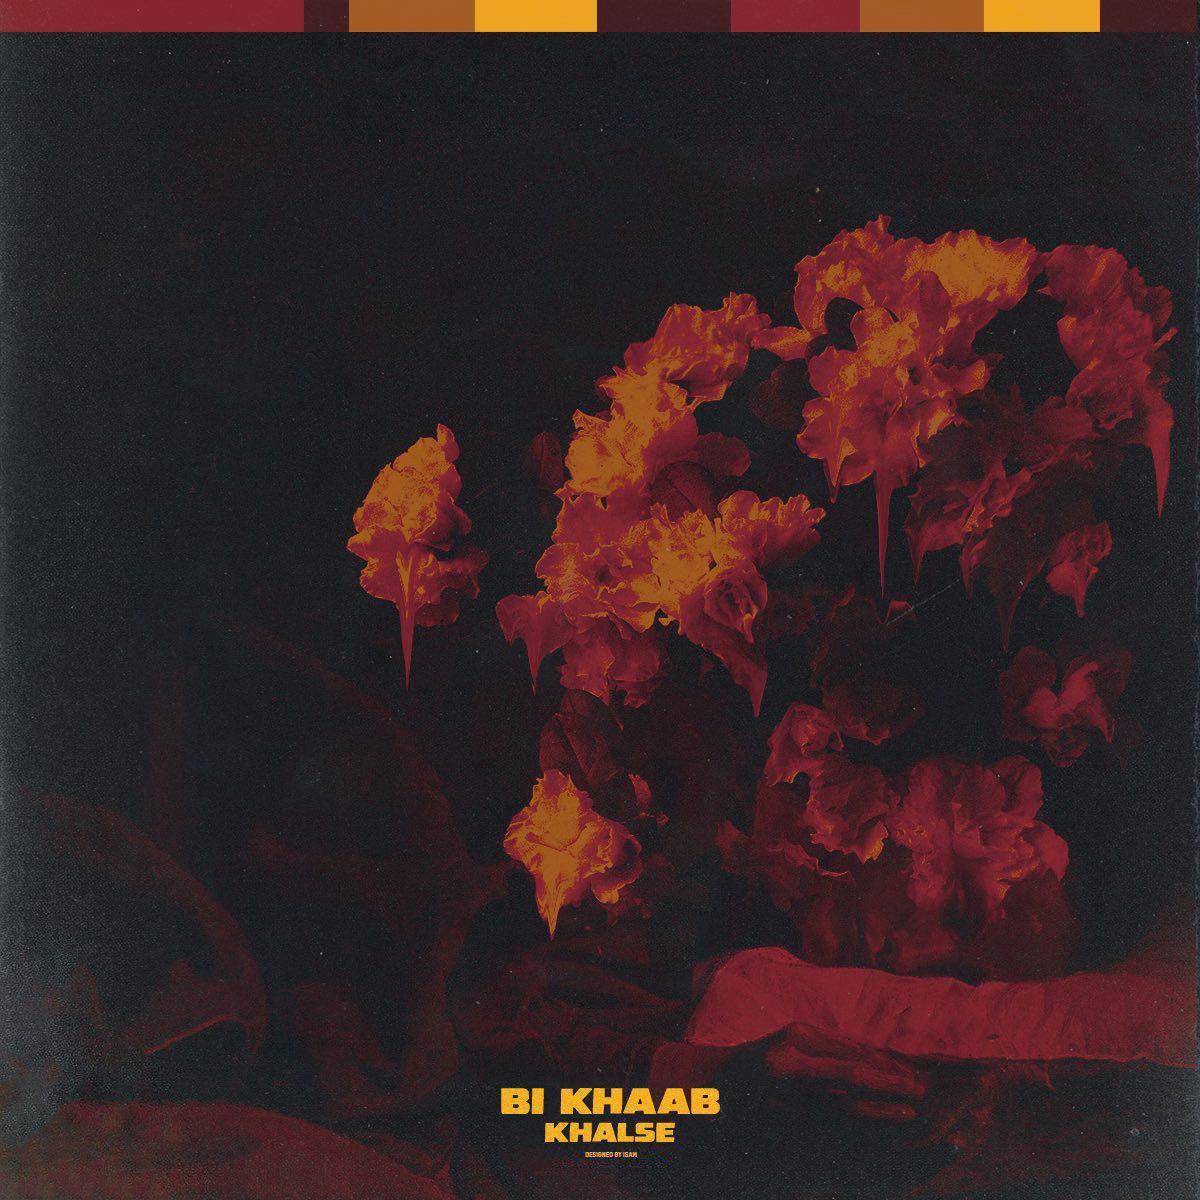 Sepehr Khalse – Bi Khaab